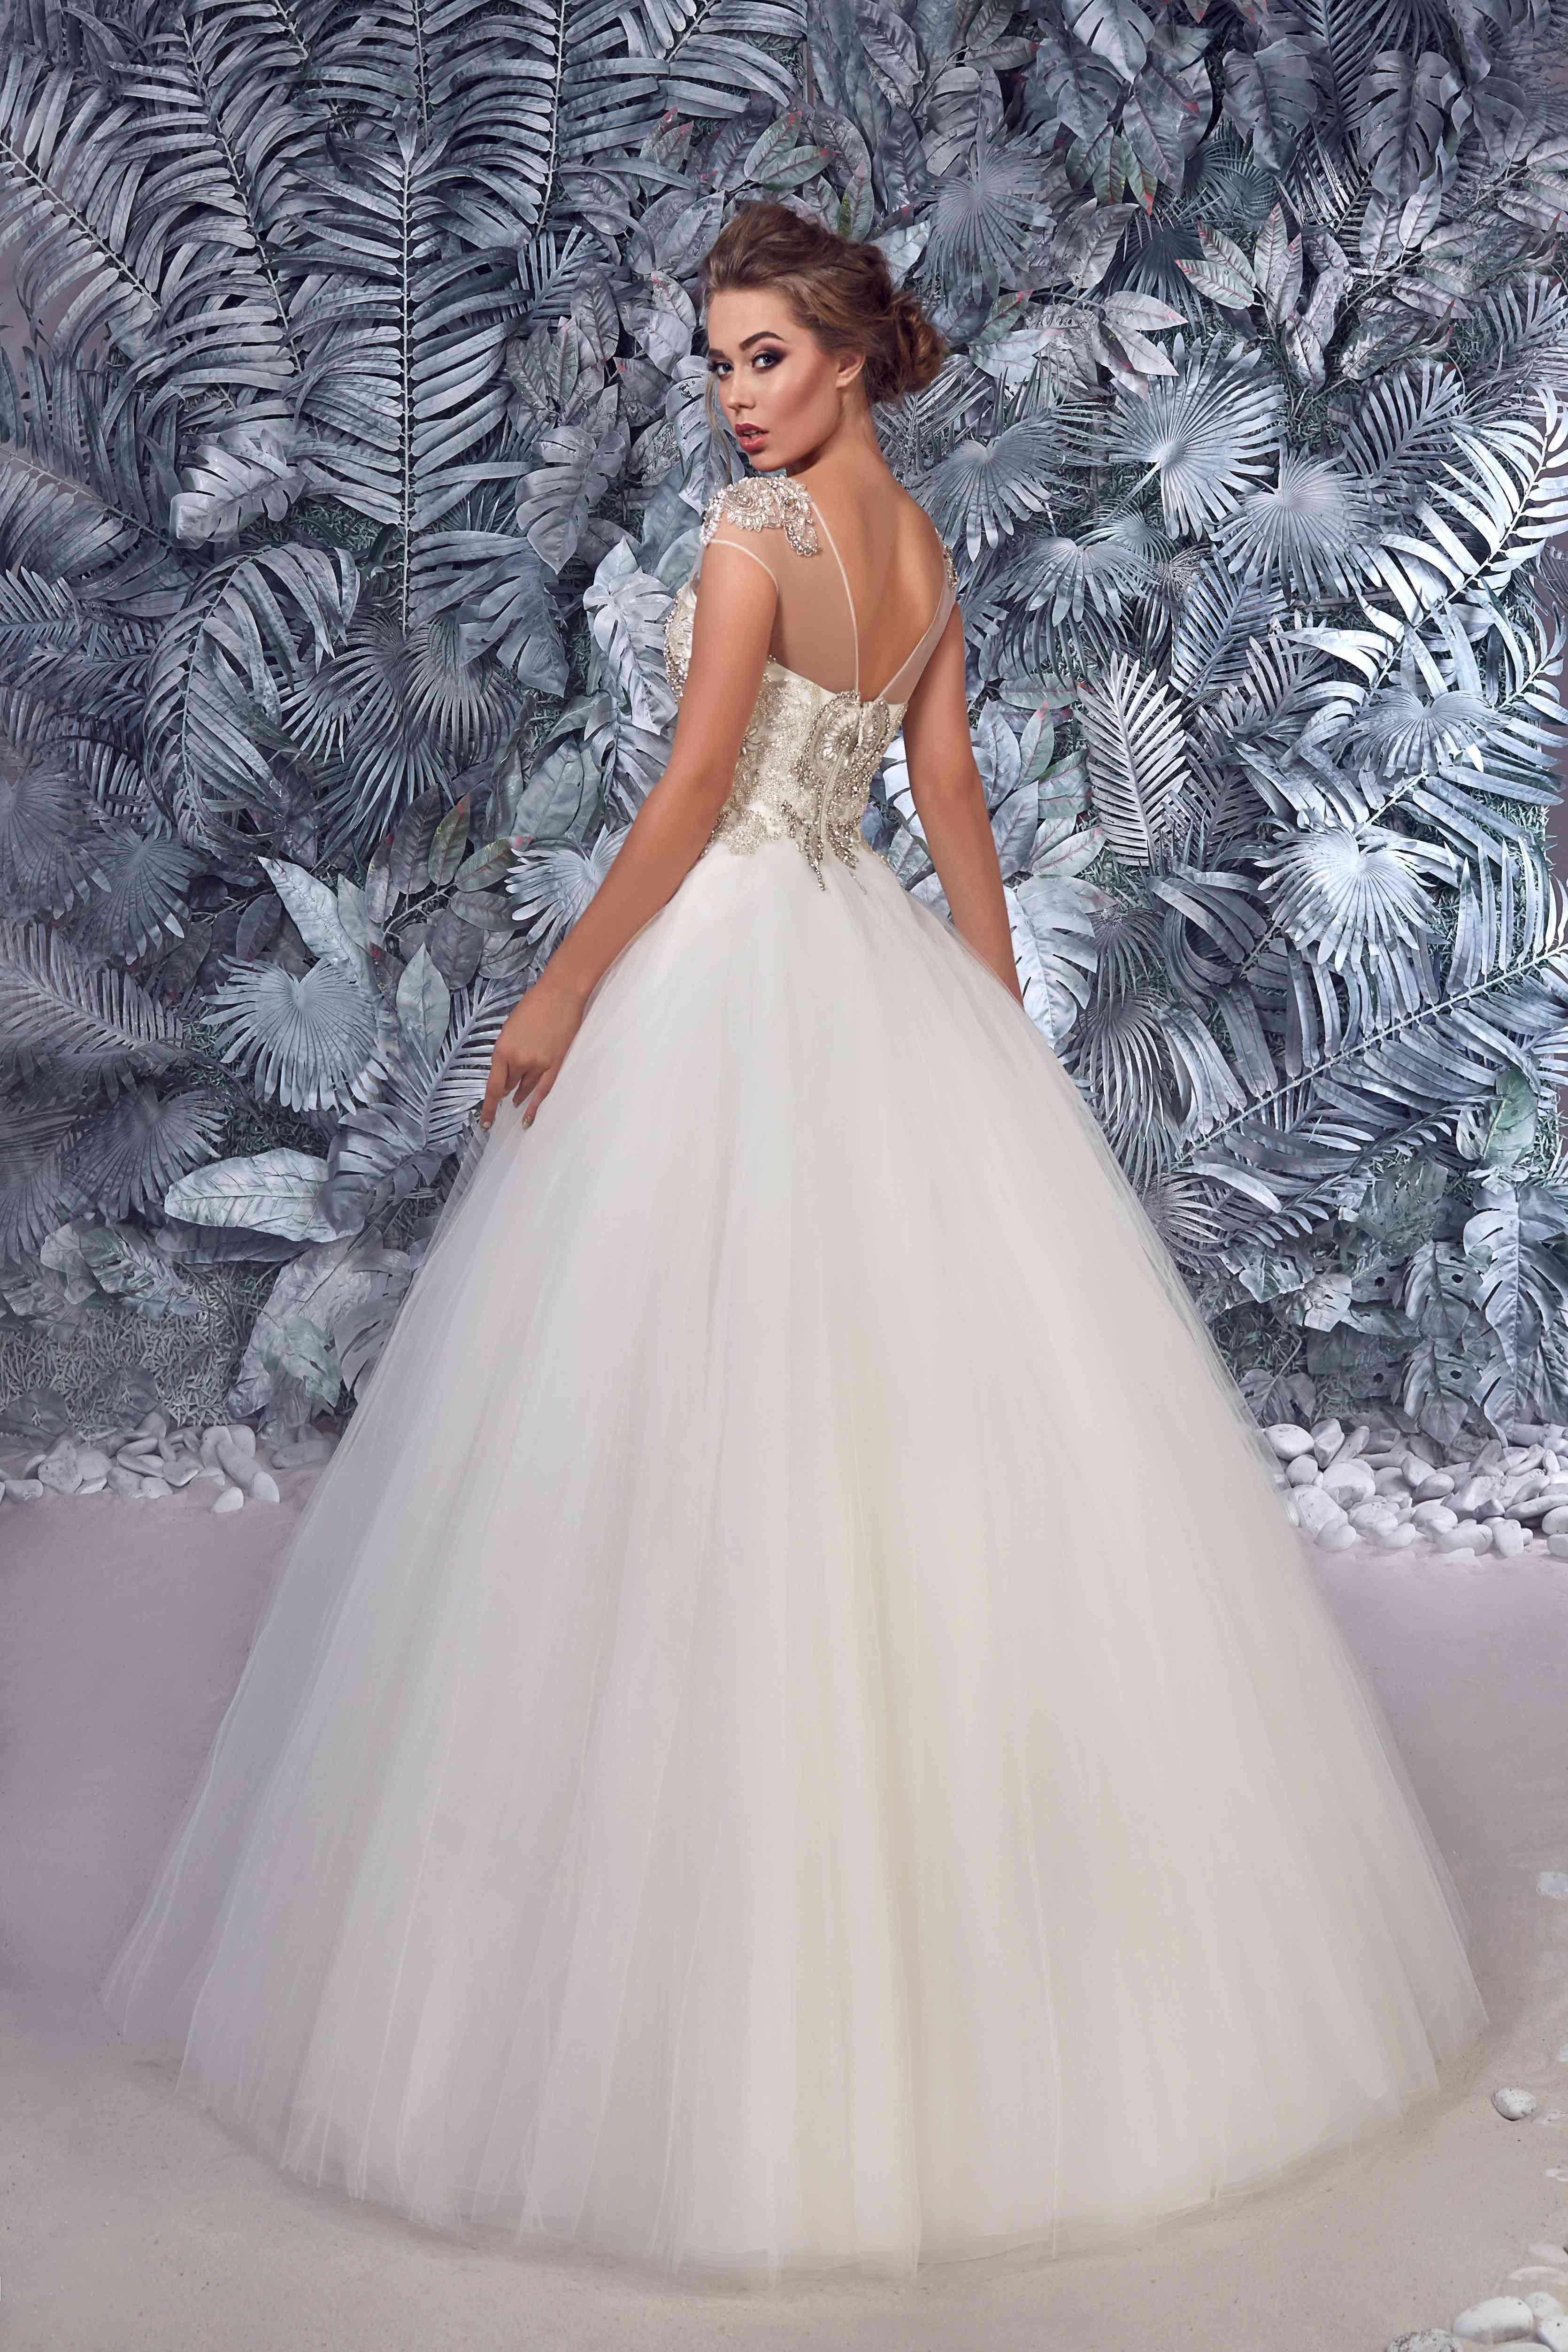 Pratima Свадебные платья new wedding dress pinterest